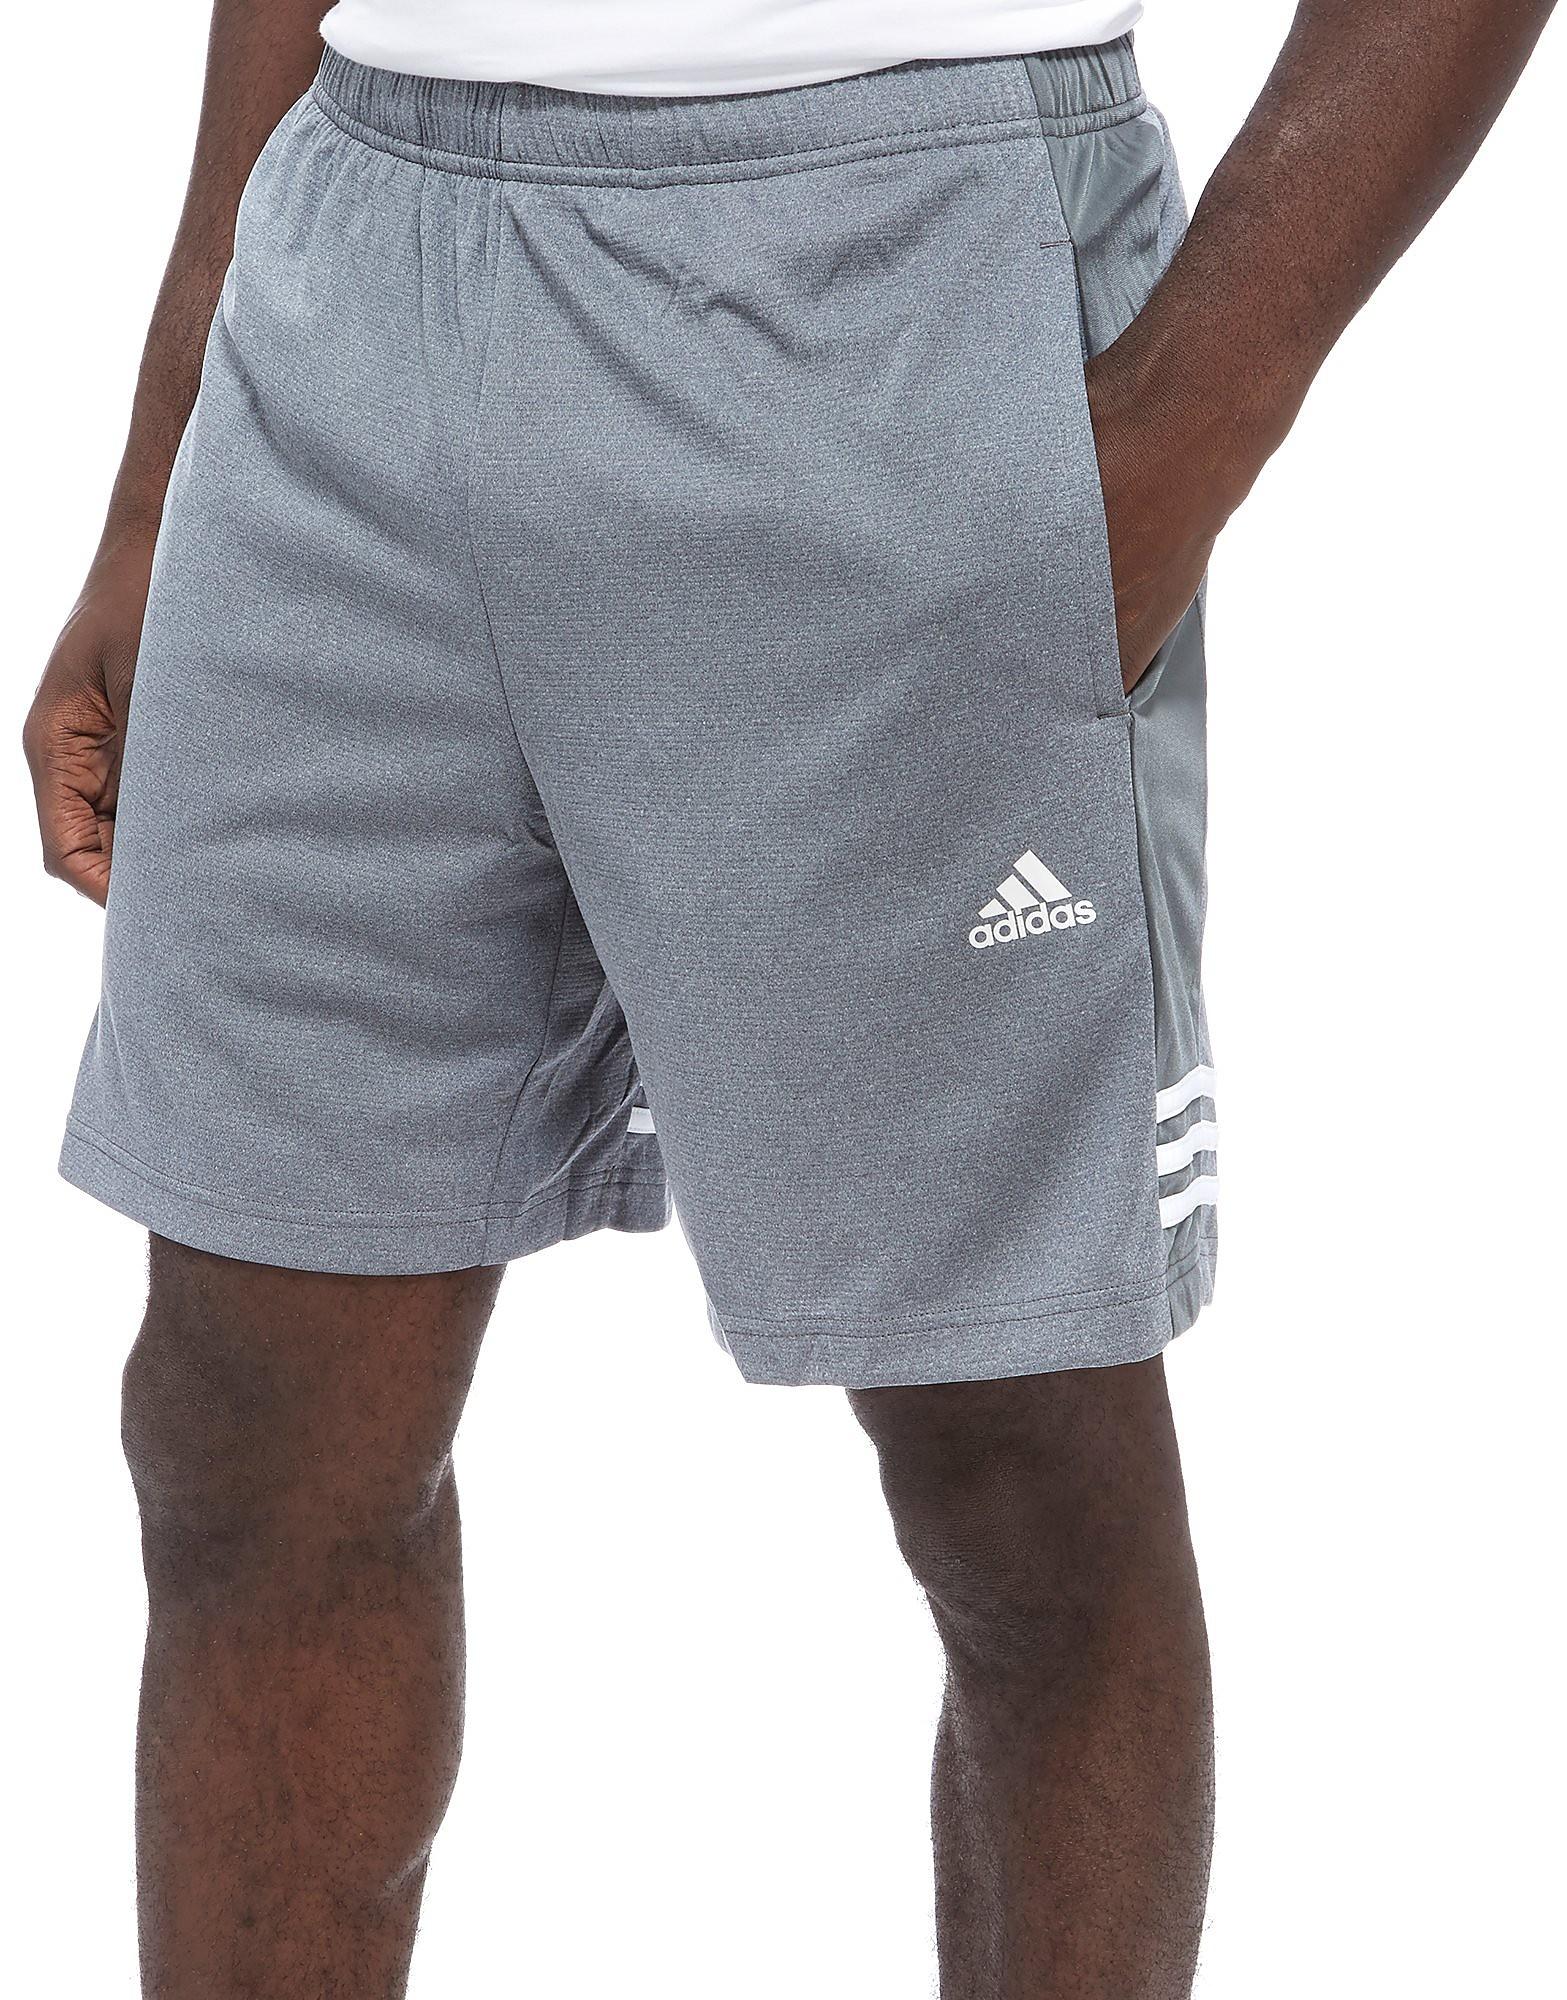 adidas Training Shorts Grey White